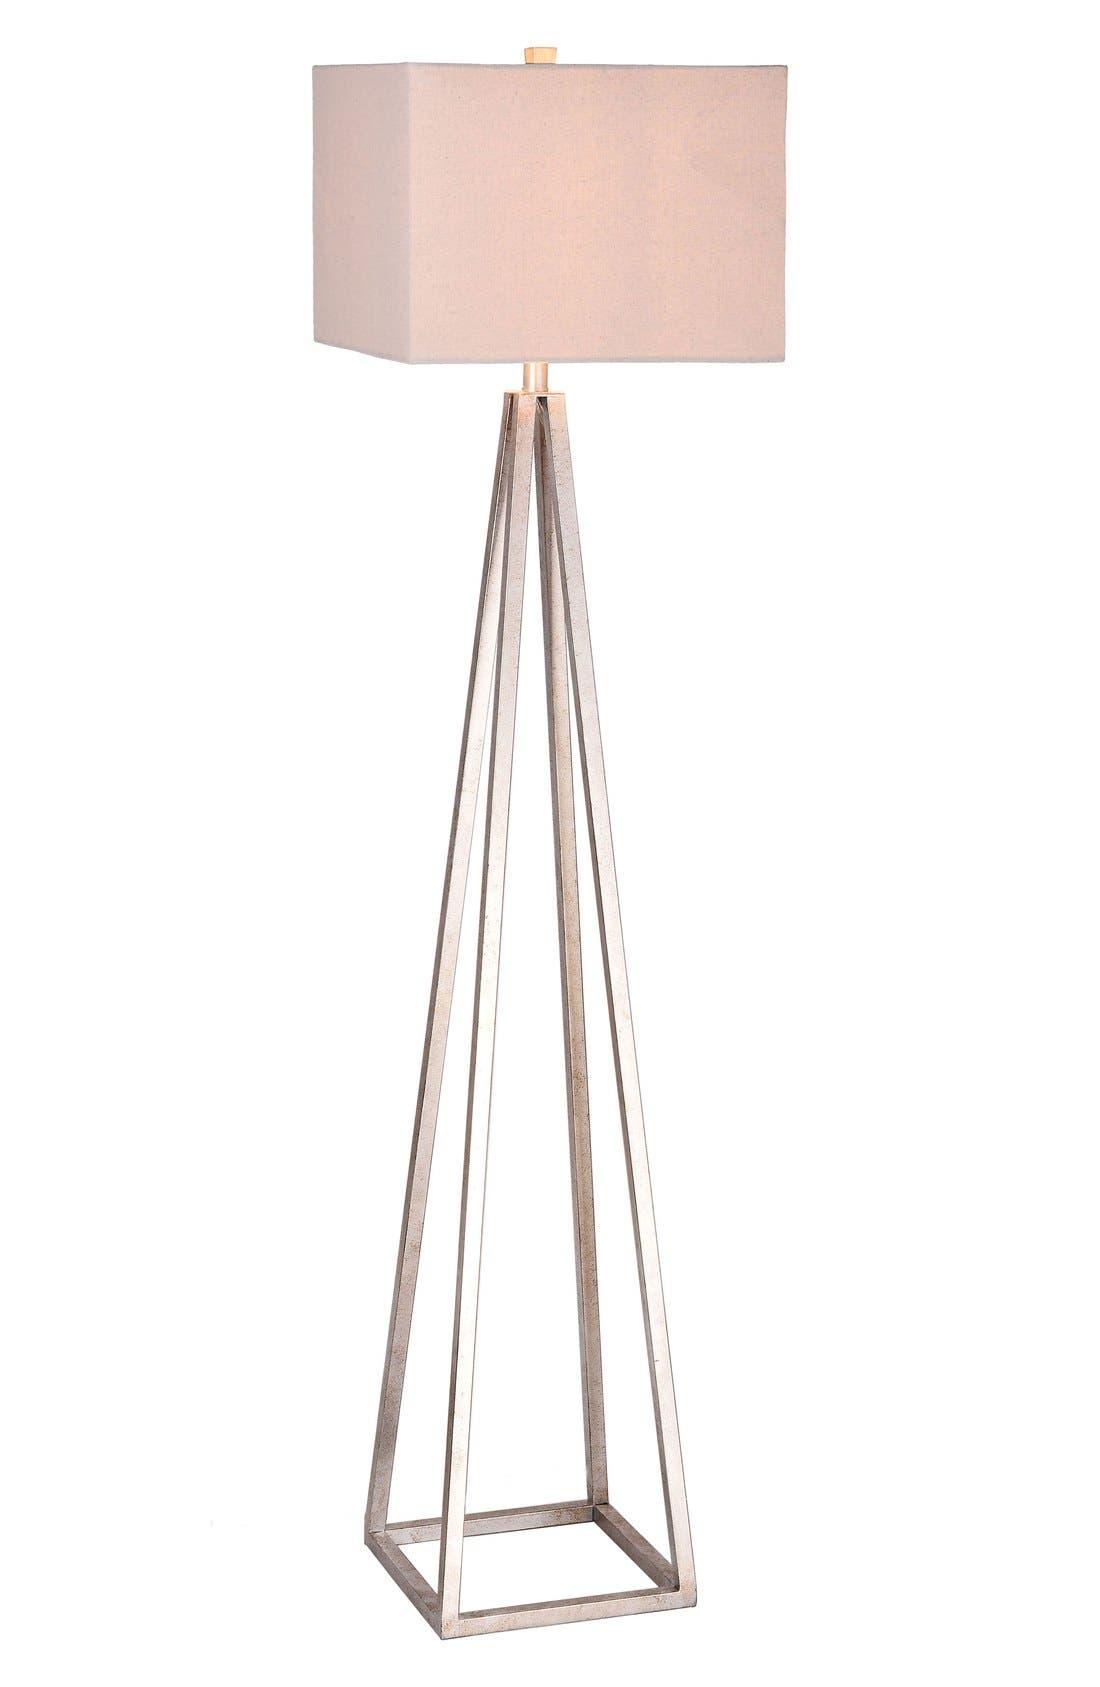 JAlexander Carrie Open Caged Metal Floor Lamp